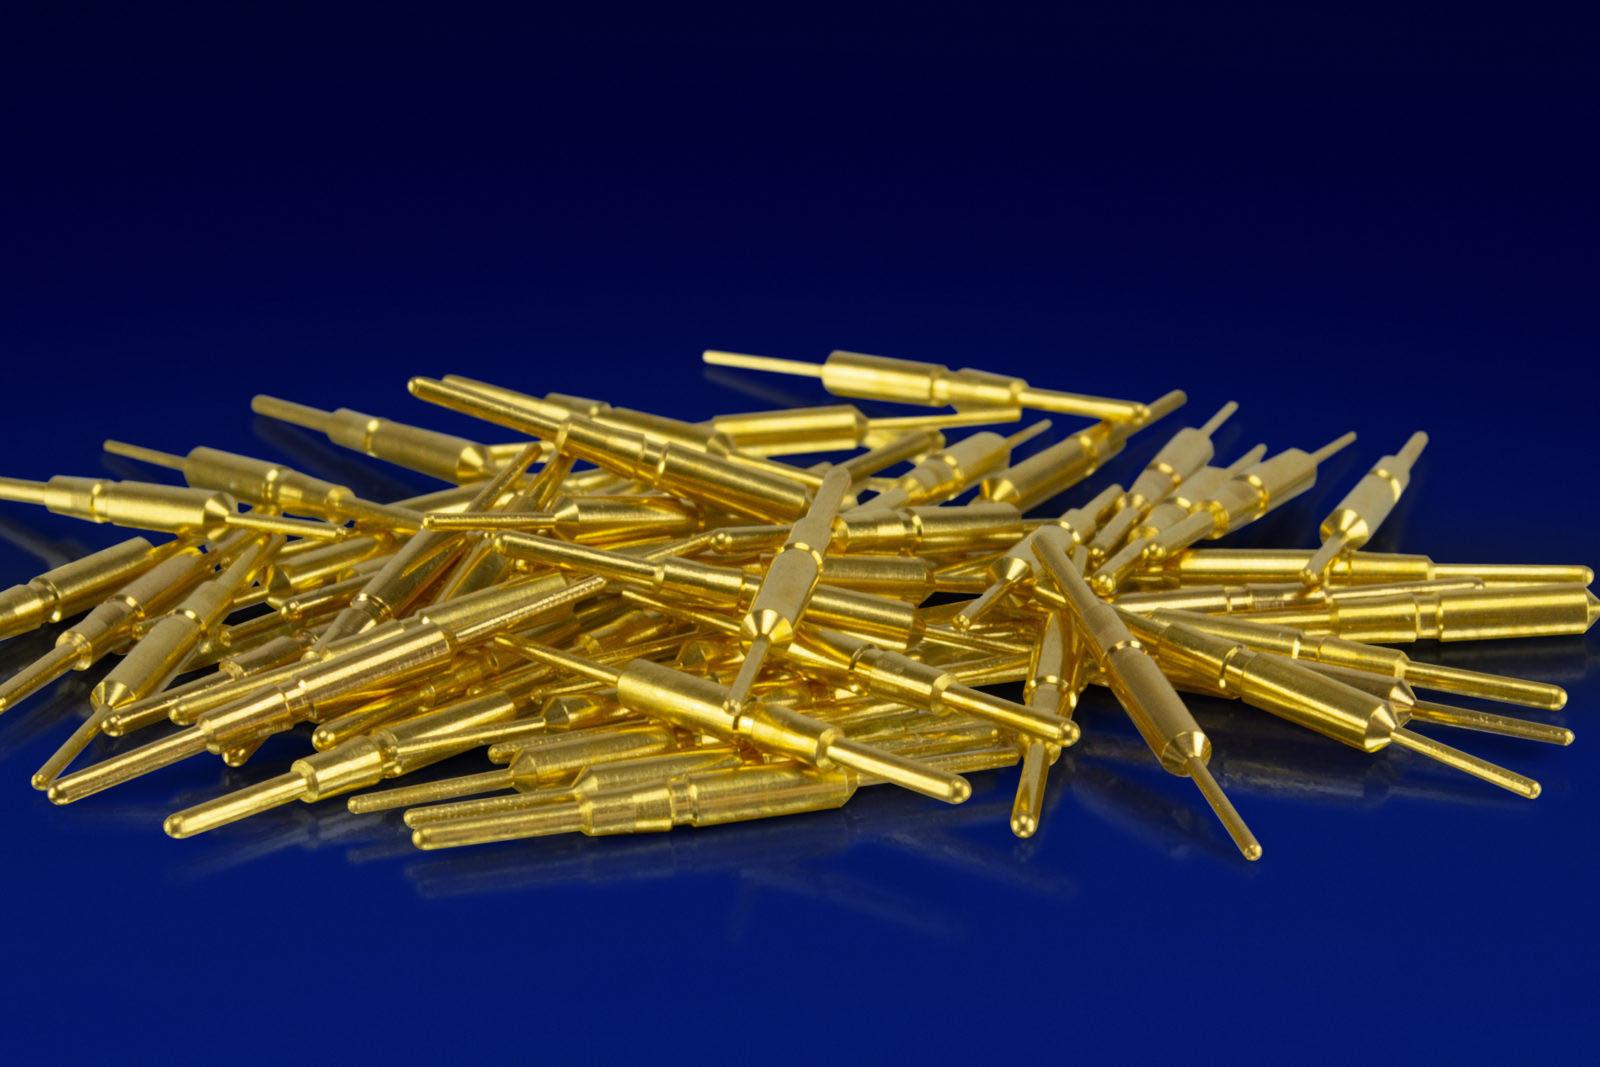 深圳电镀回收 深圳电镀金渣银渣回收 上海镀金线路板回收收购